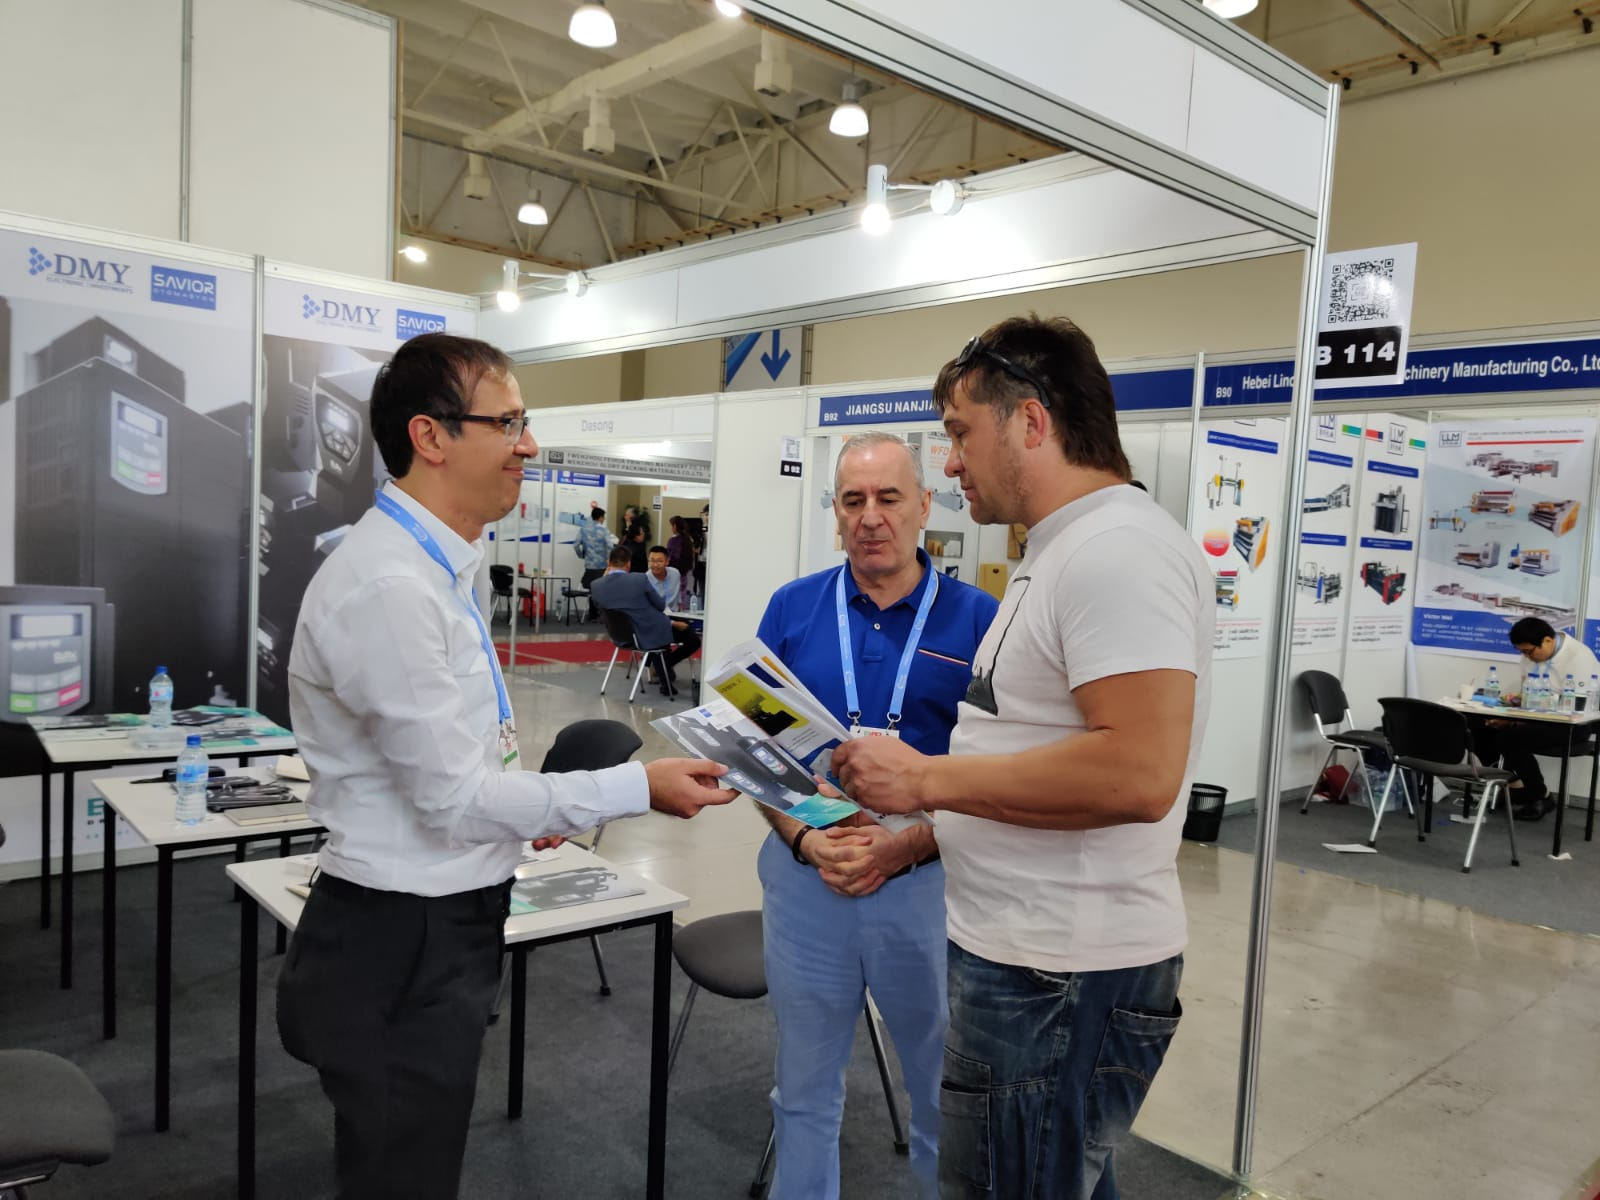 DMY Elektronik Grup Şirketlerinden Savior Otomasyon ve Tescom UPS, Özbekistan'da Düzenlenen OZuPack Fuarına Katıldı.